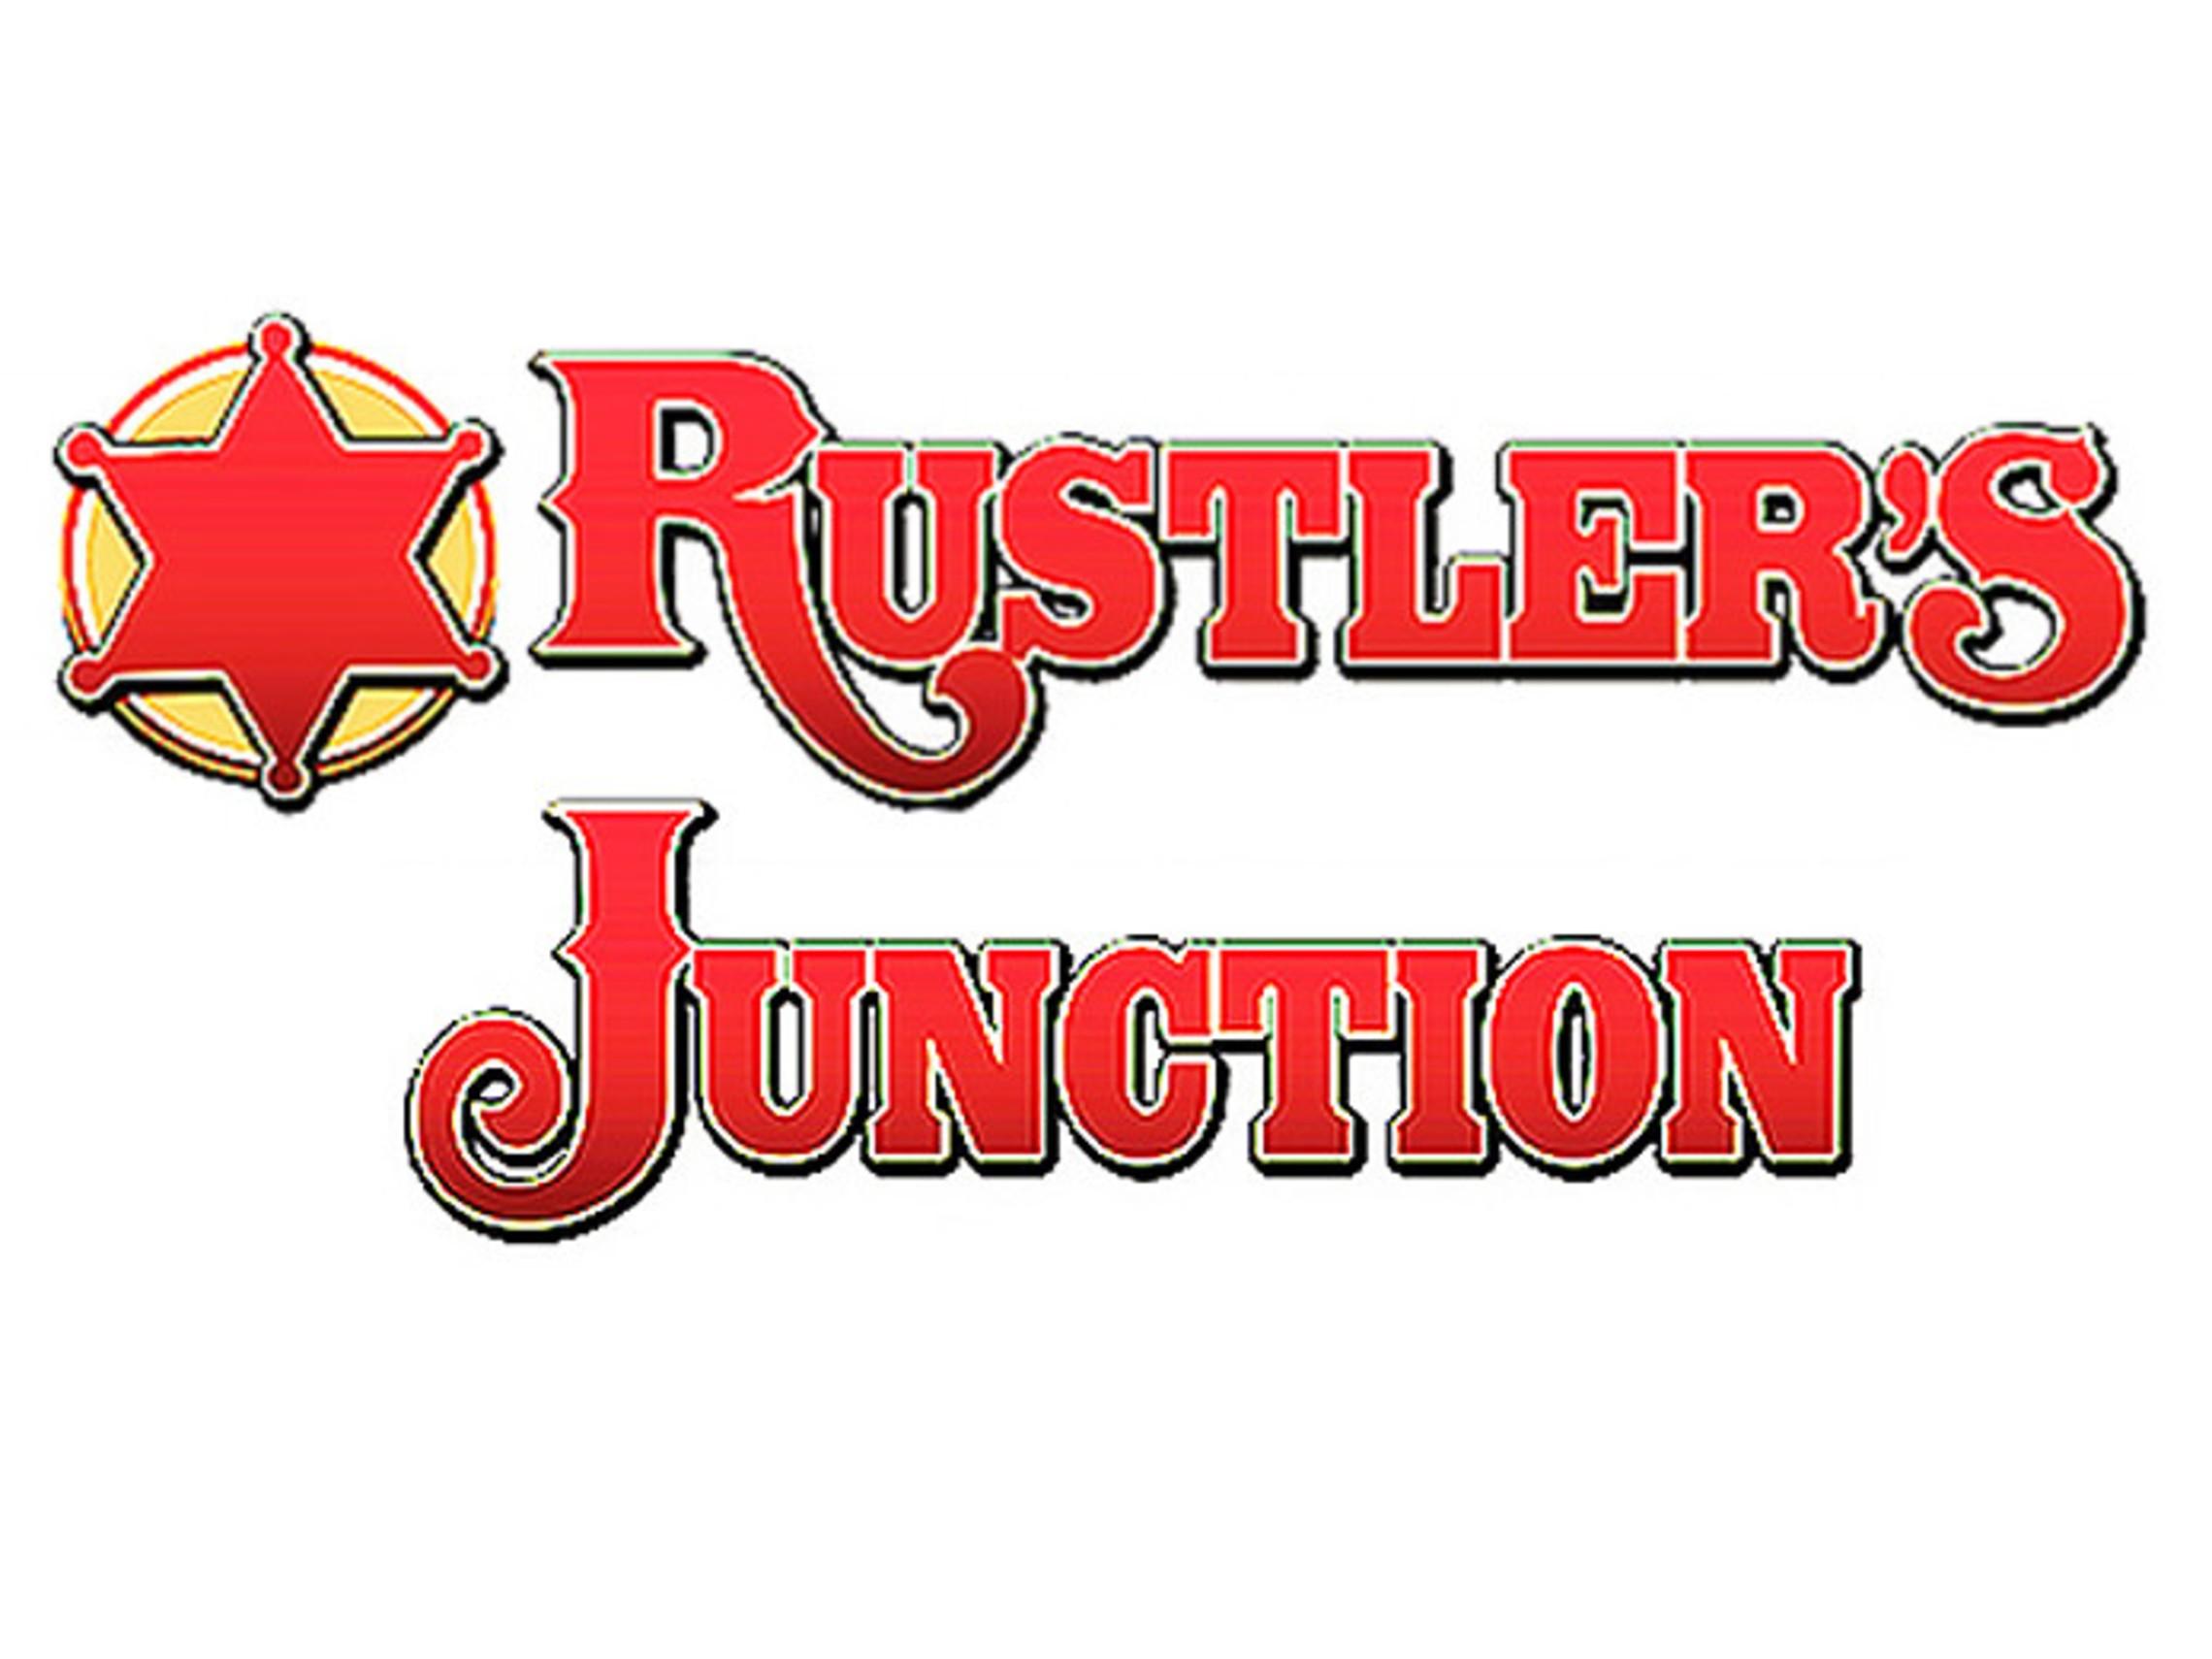 Justlers Junction